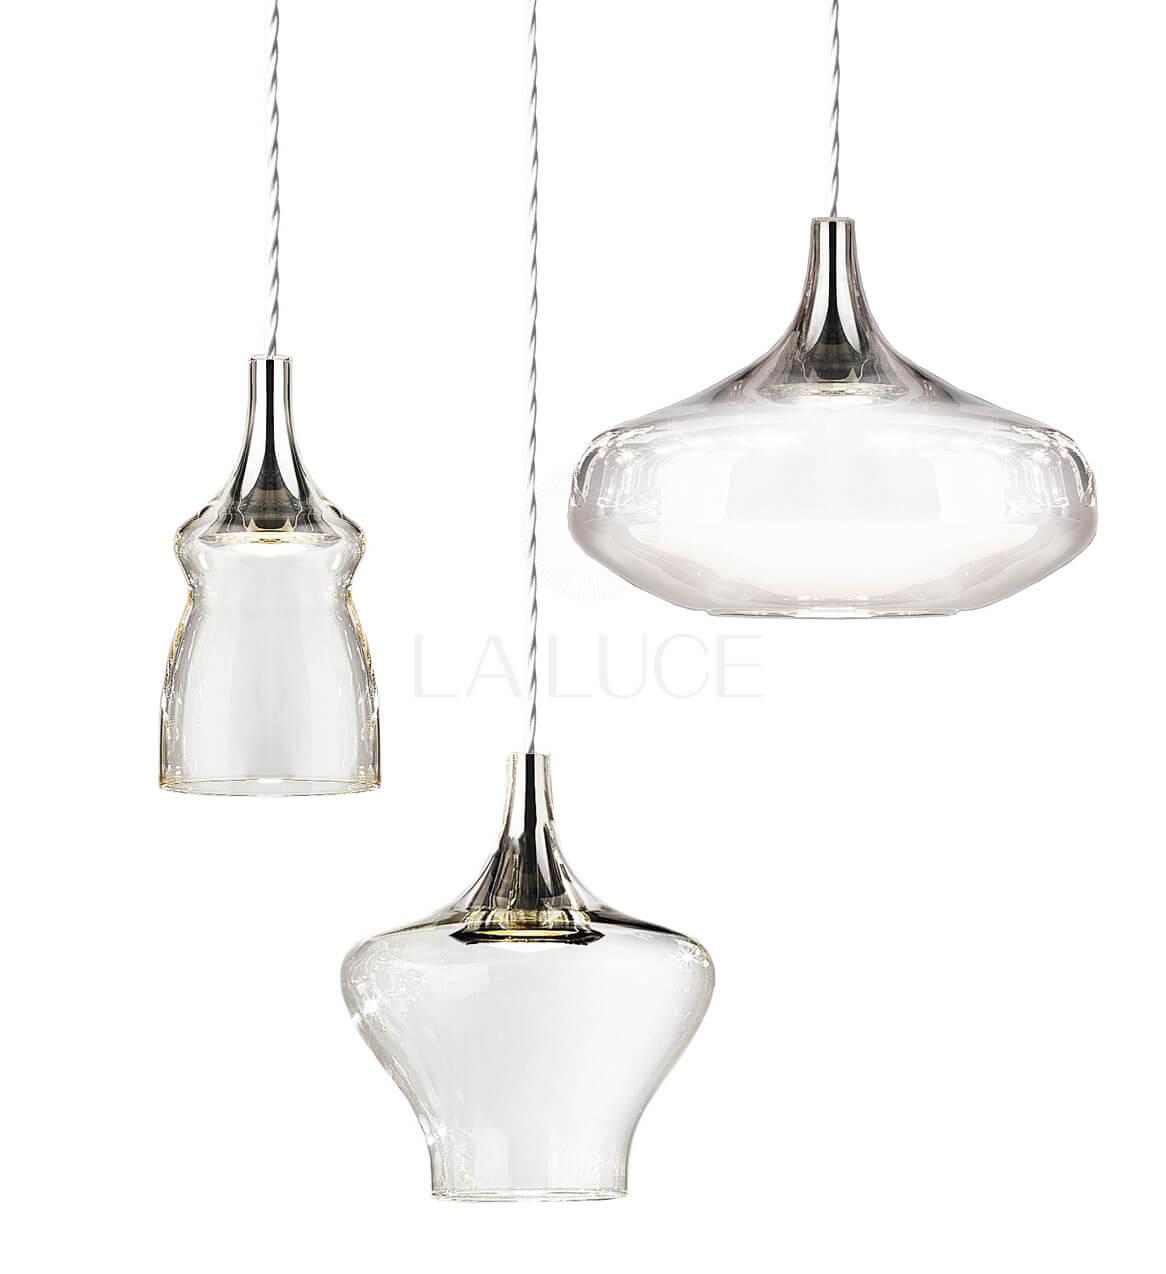 Nostalgia 3 Lights Suspension Lamp By Studio Italia Design Led